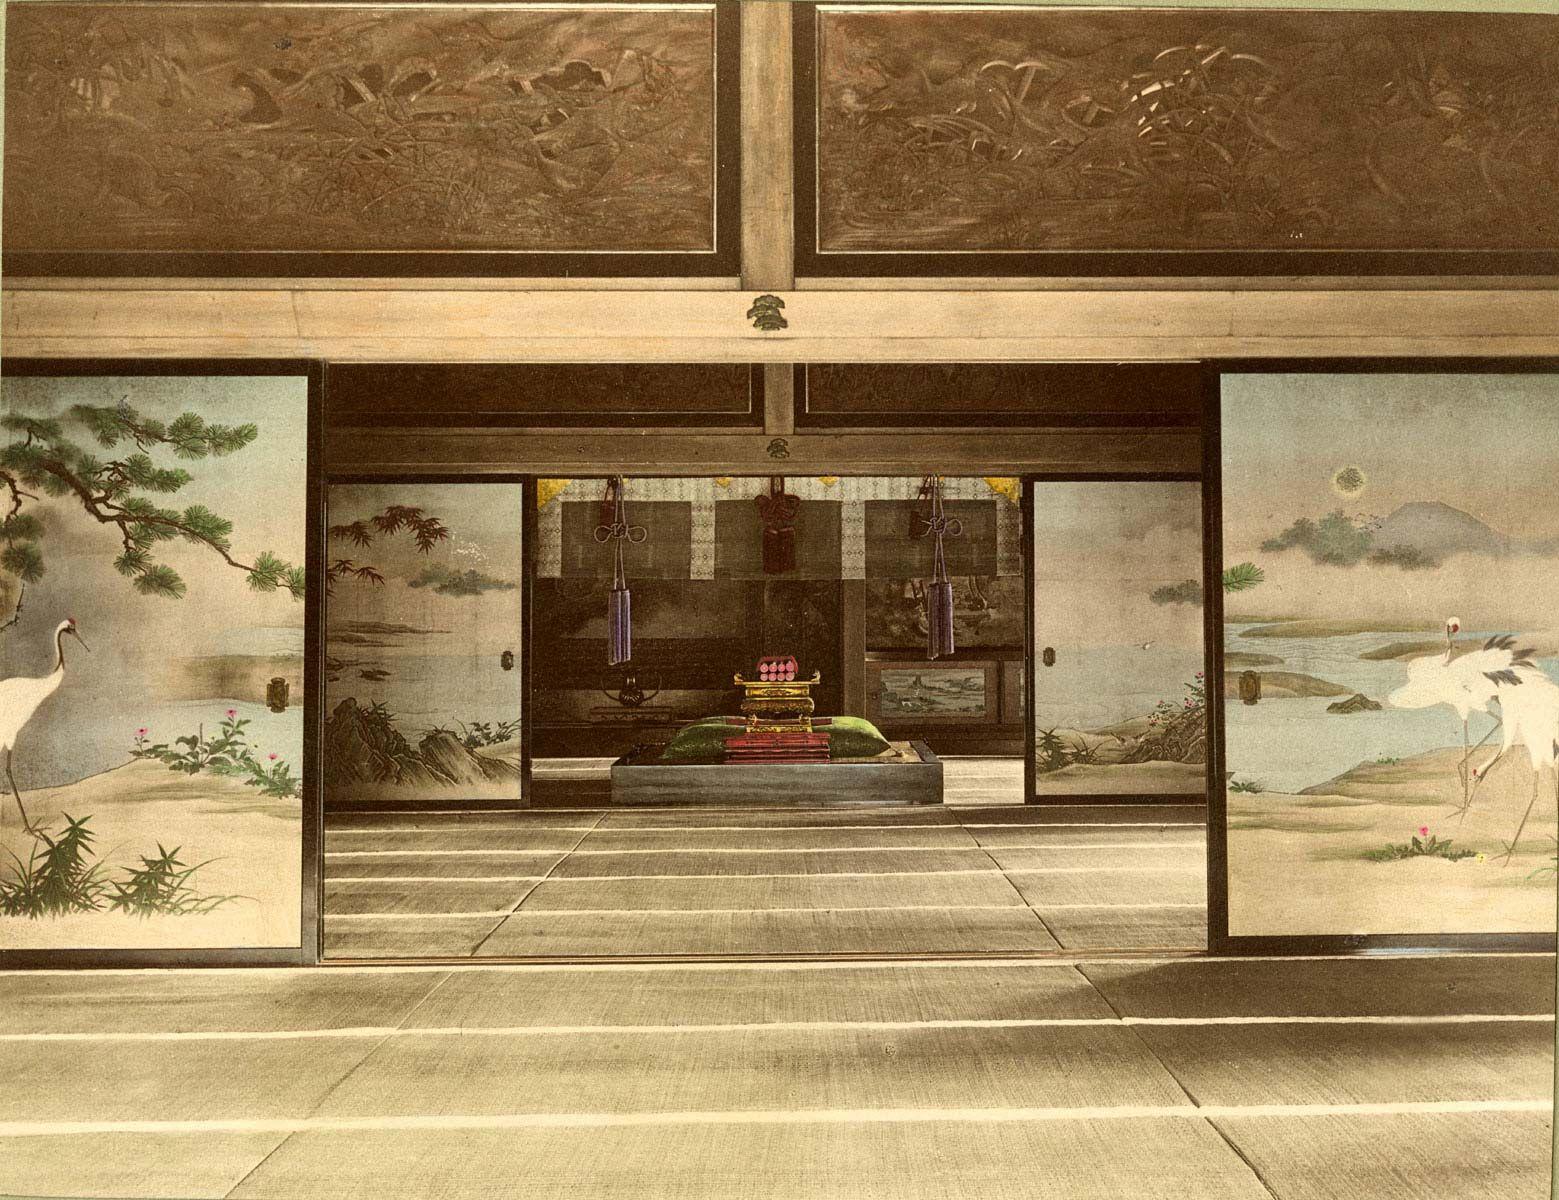 gj20304 & gj20304   日本   Pinterest   Japanese Japan and Yokohama